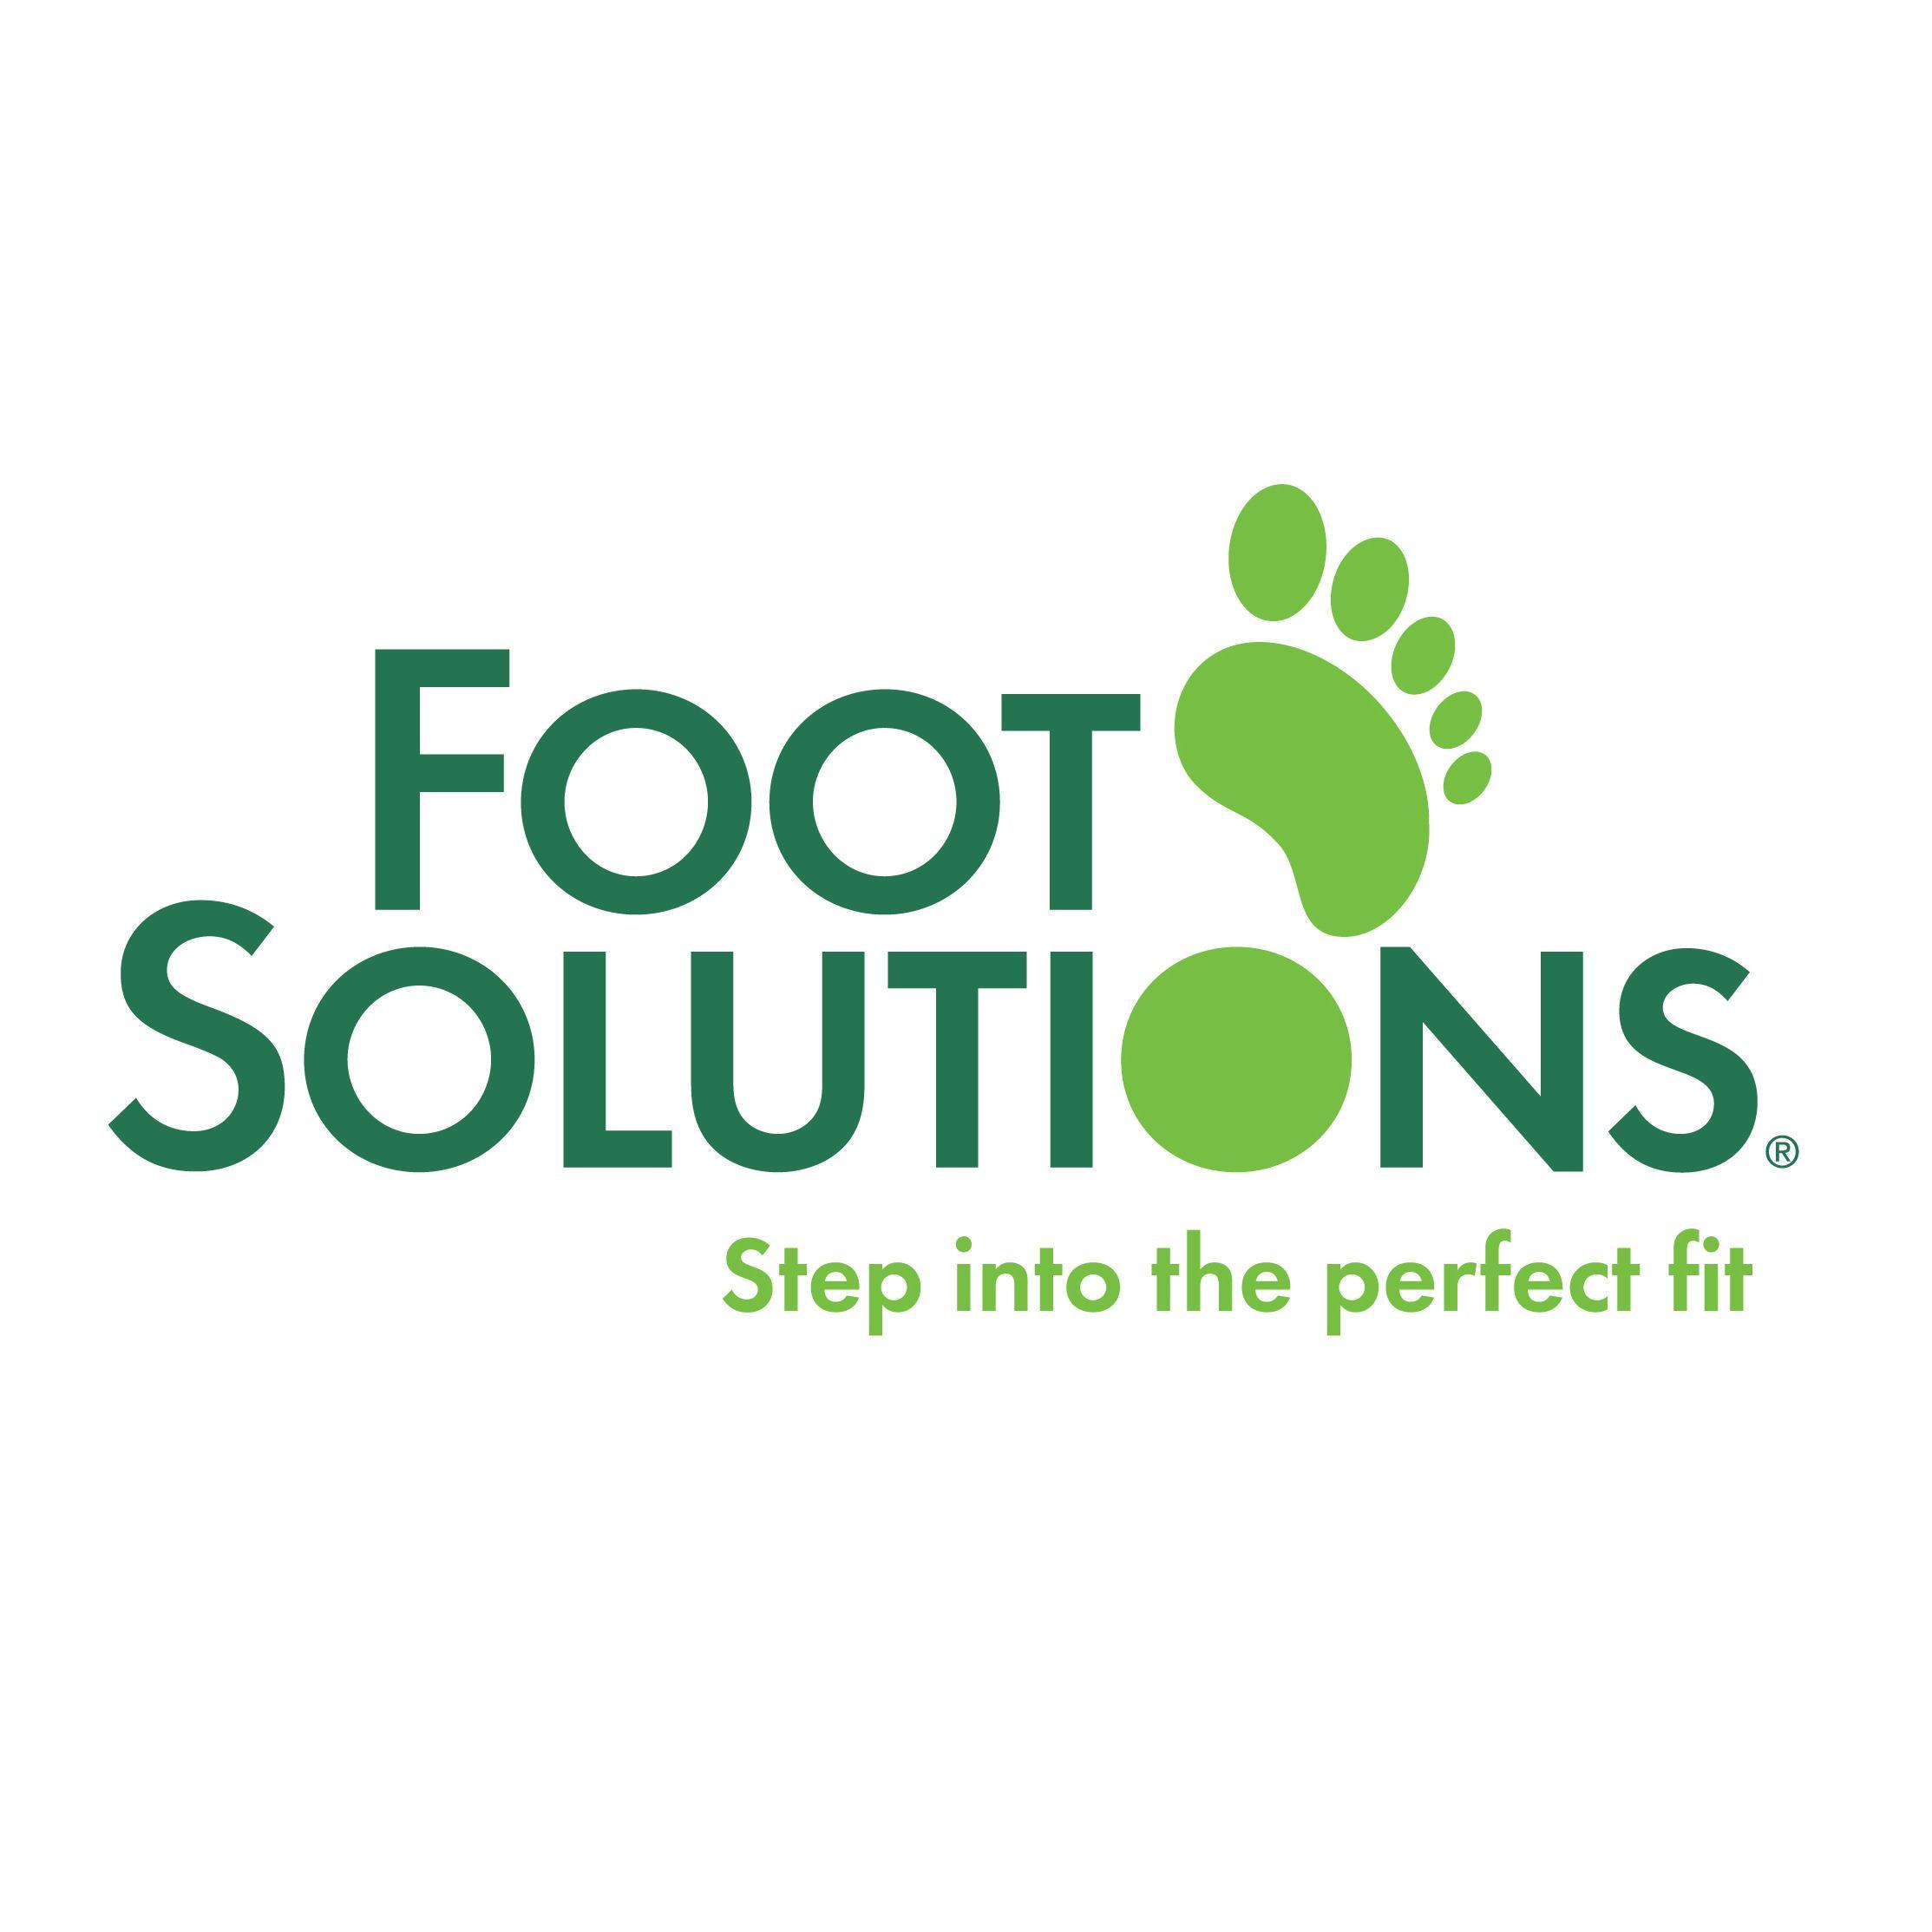 Foot Solutions Albuquerque - Albuquerque, NM - Apparel Stores